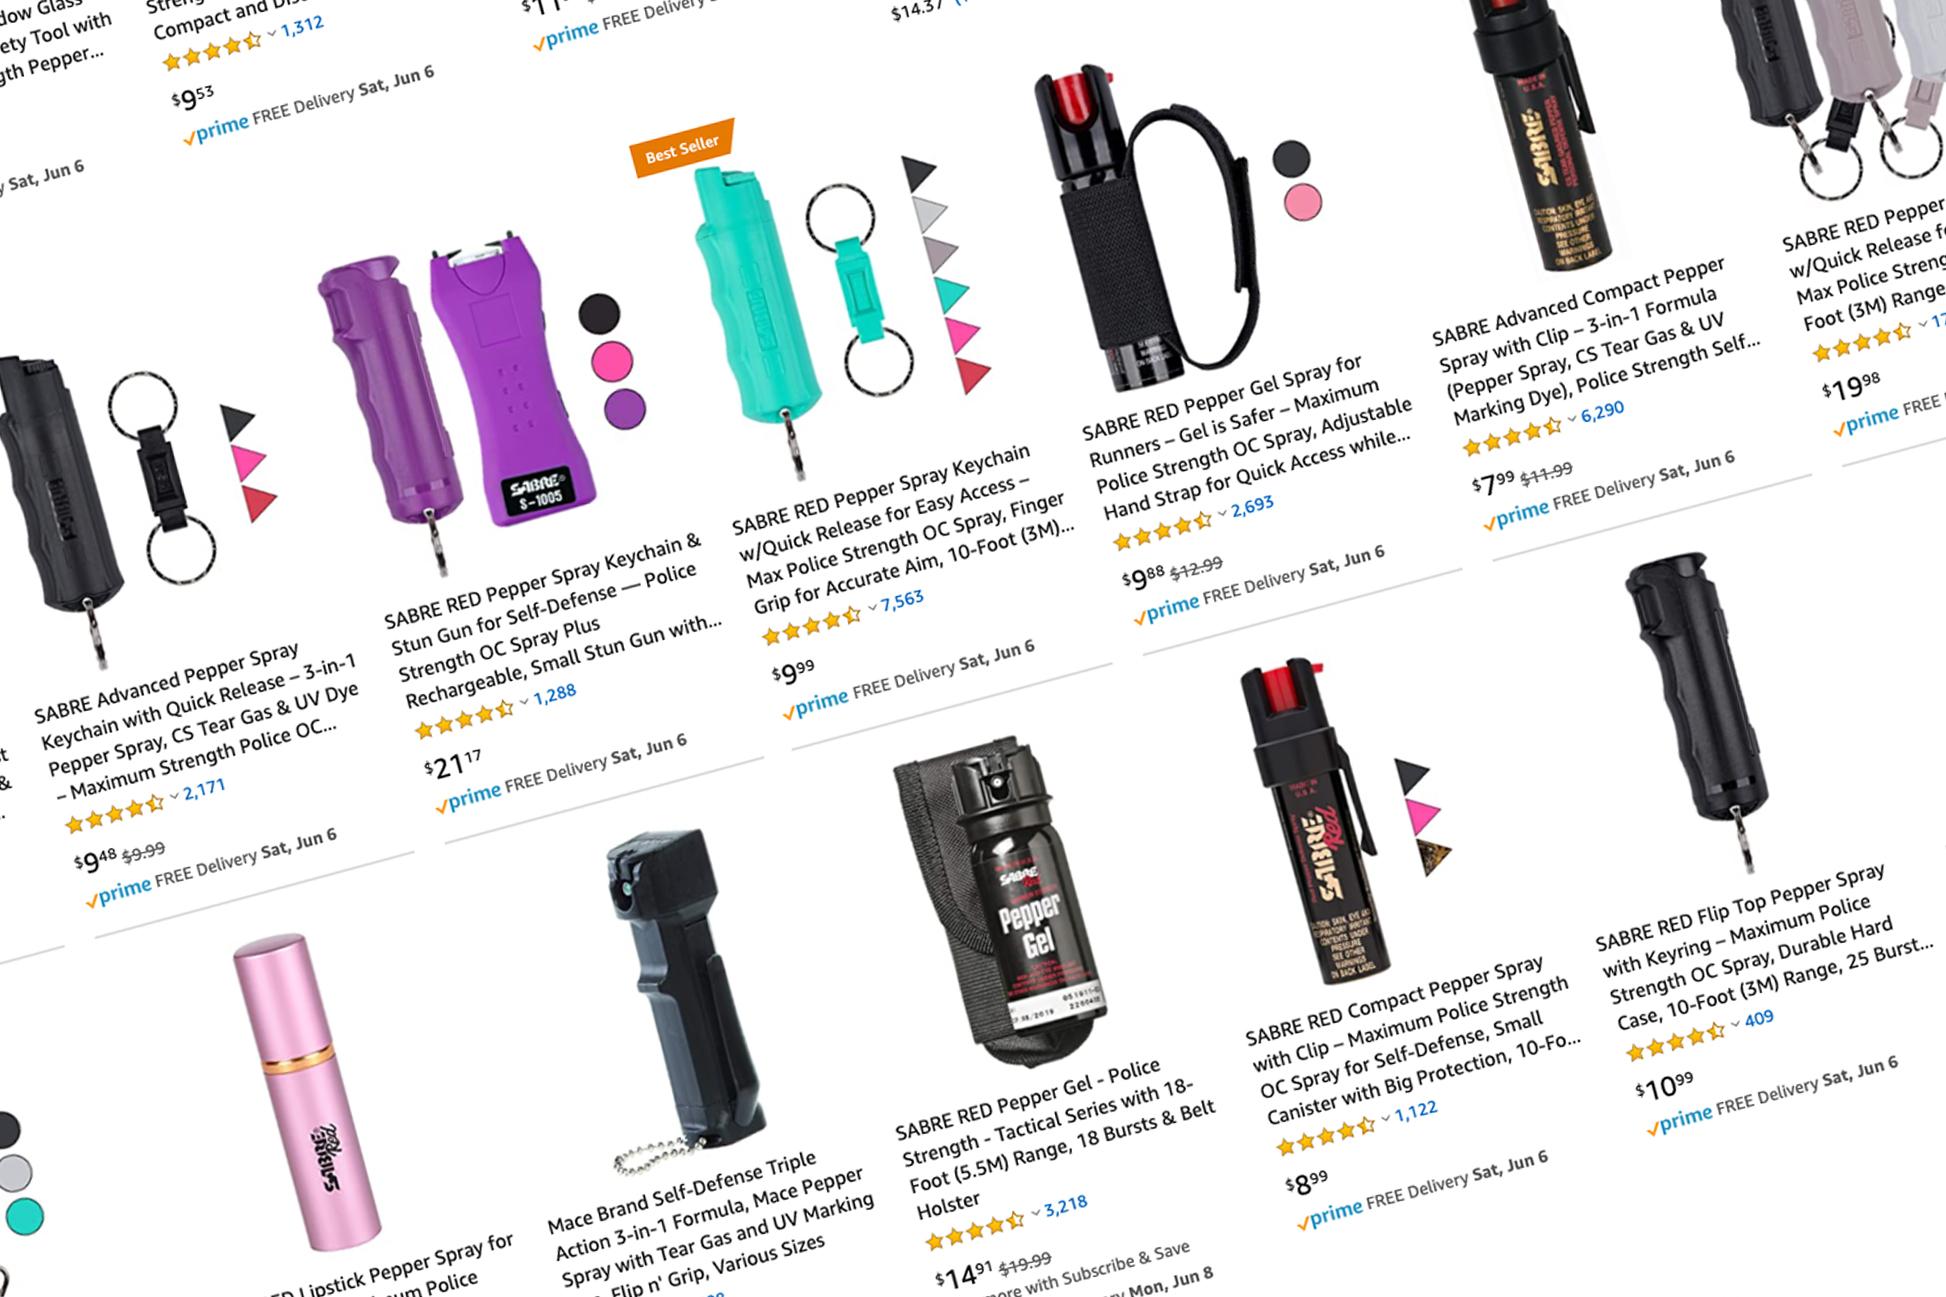 Pepper spray sales soar on Amazon